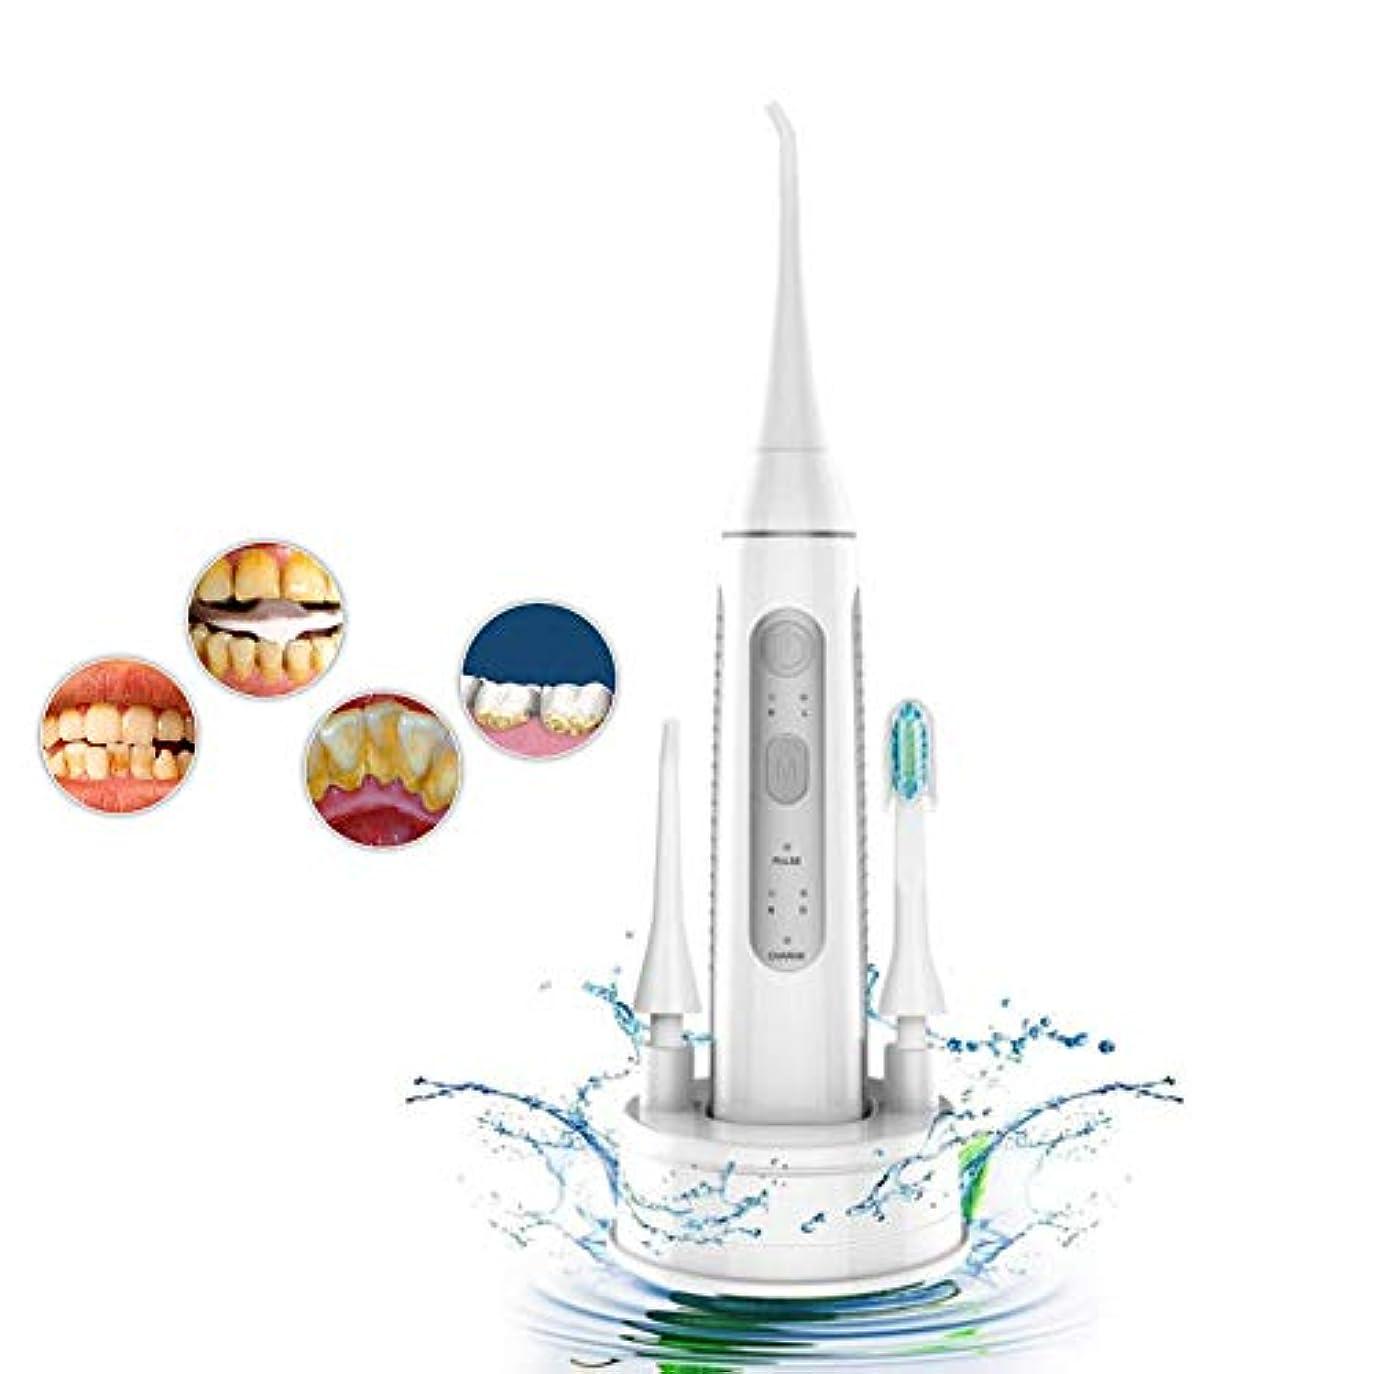 部分的ロック解除区別超音波電動歯サーファー、2 in 1口腔ケア歯磨き粉機器ホームポータブルウォーターフロス歯のクリーニング機3モード大人と子供に適して,Gray